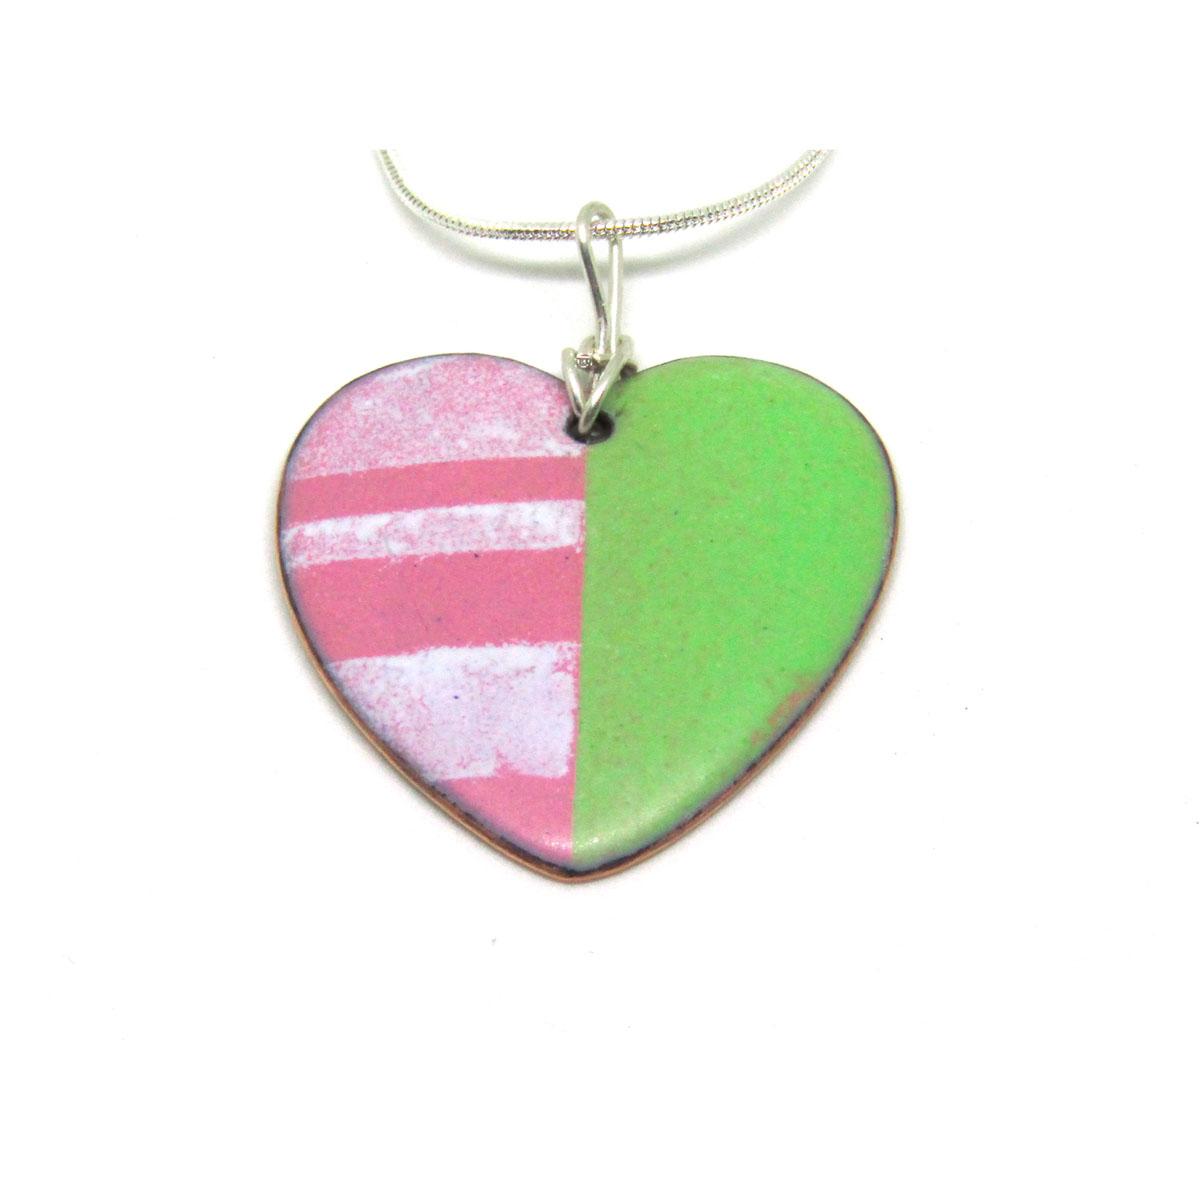 MCA153, Pink and Green Matt Heart Pendant